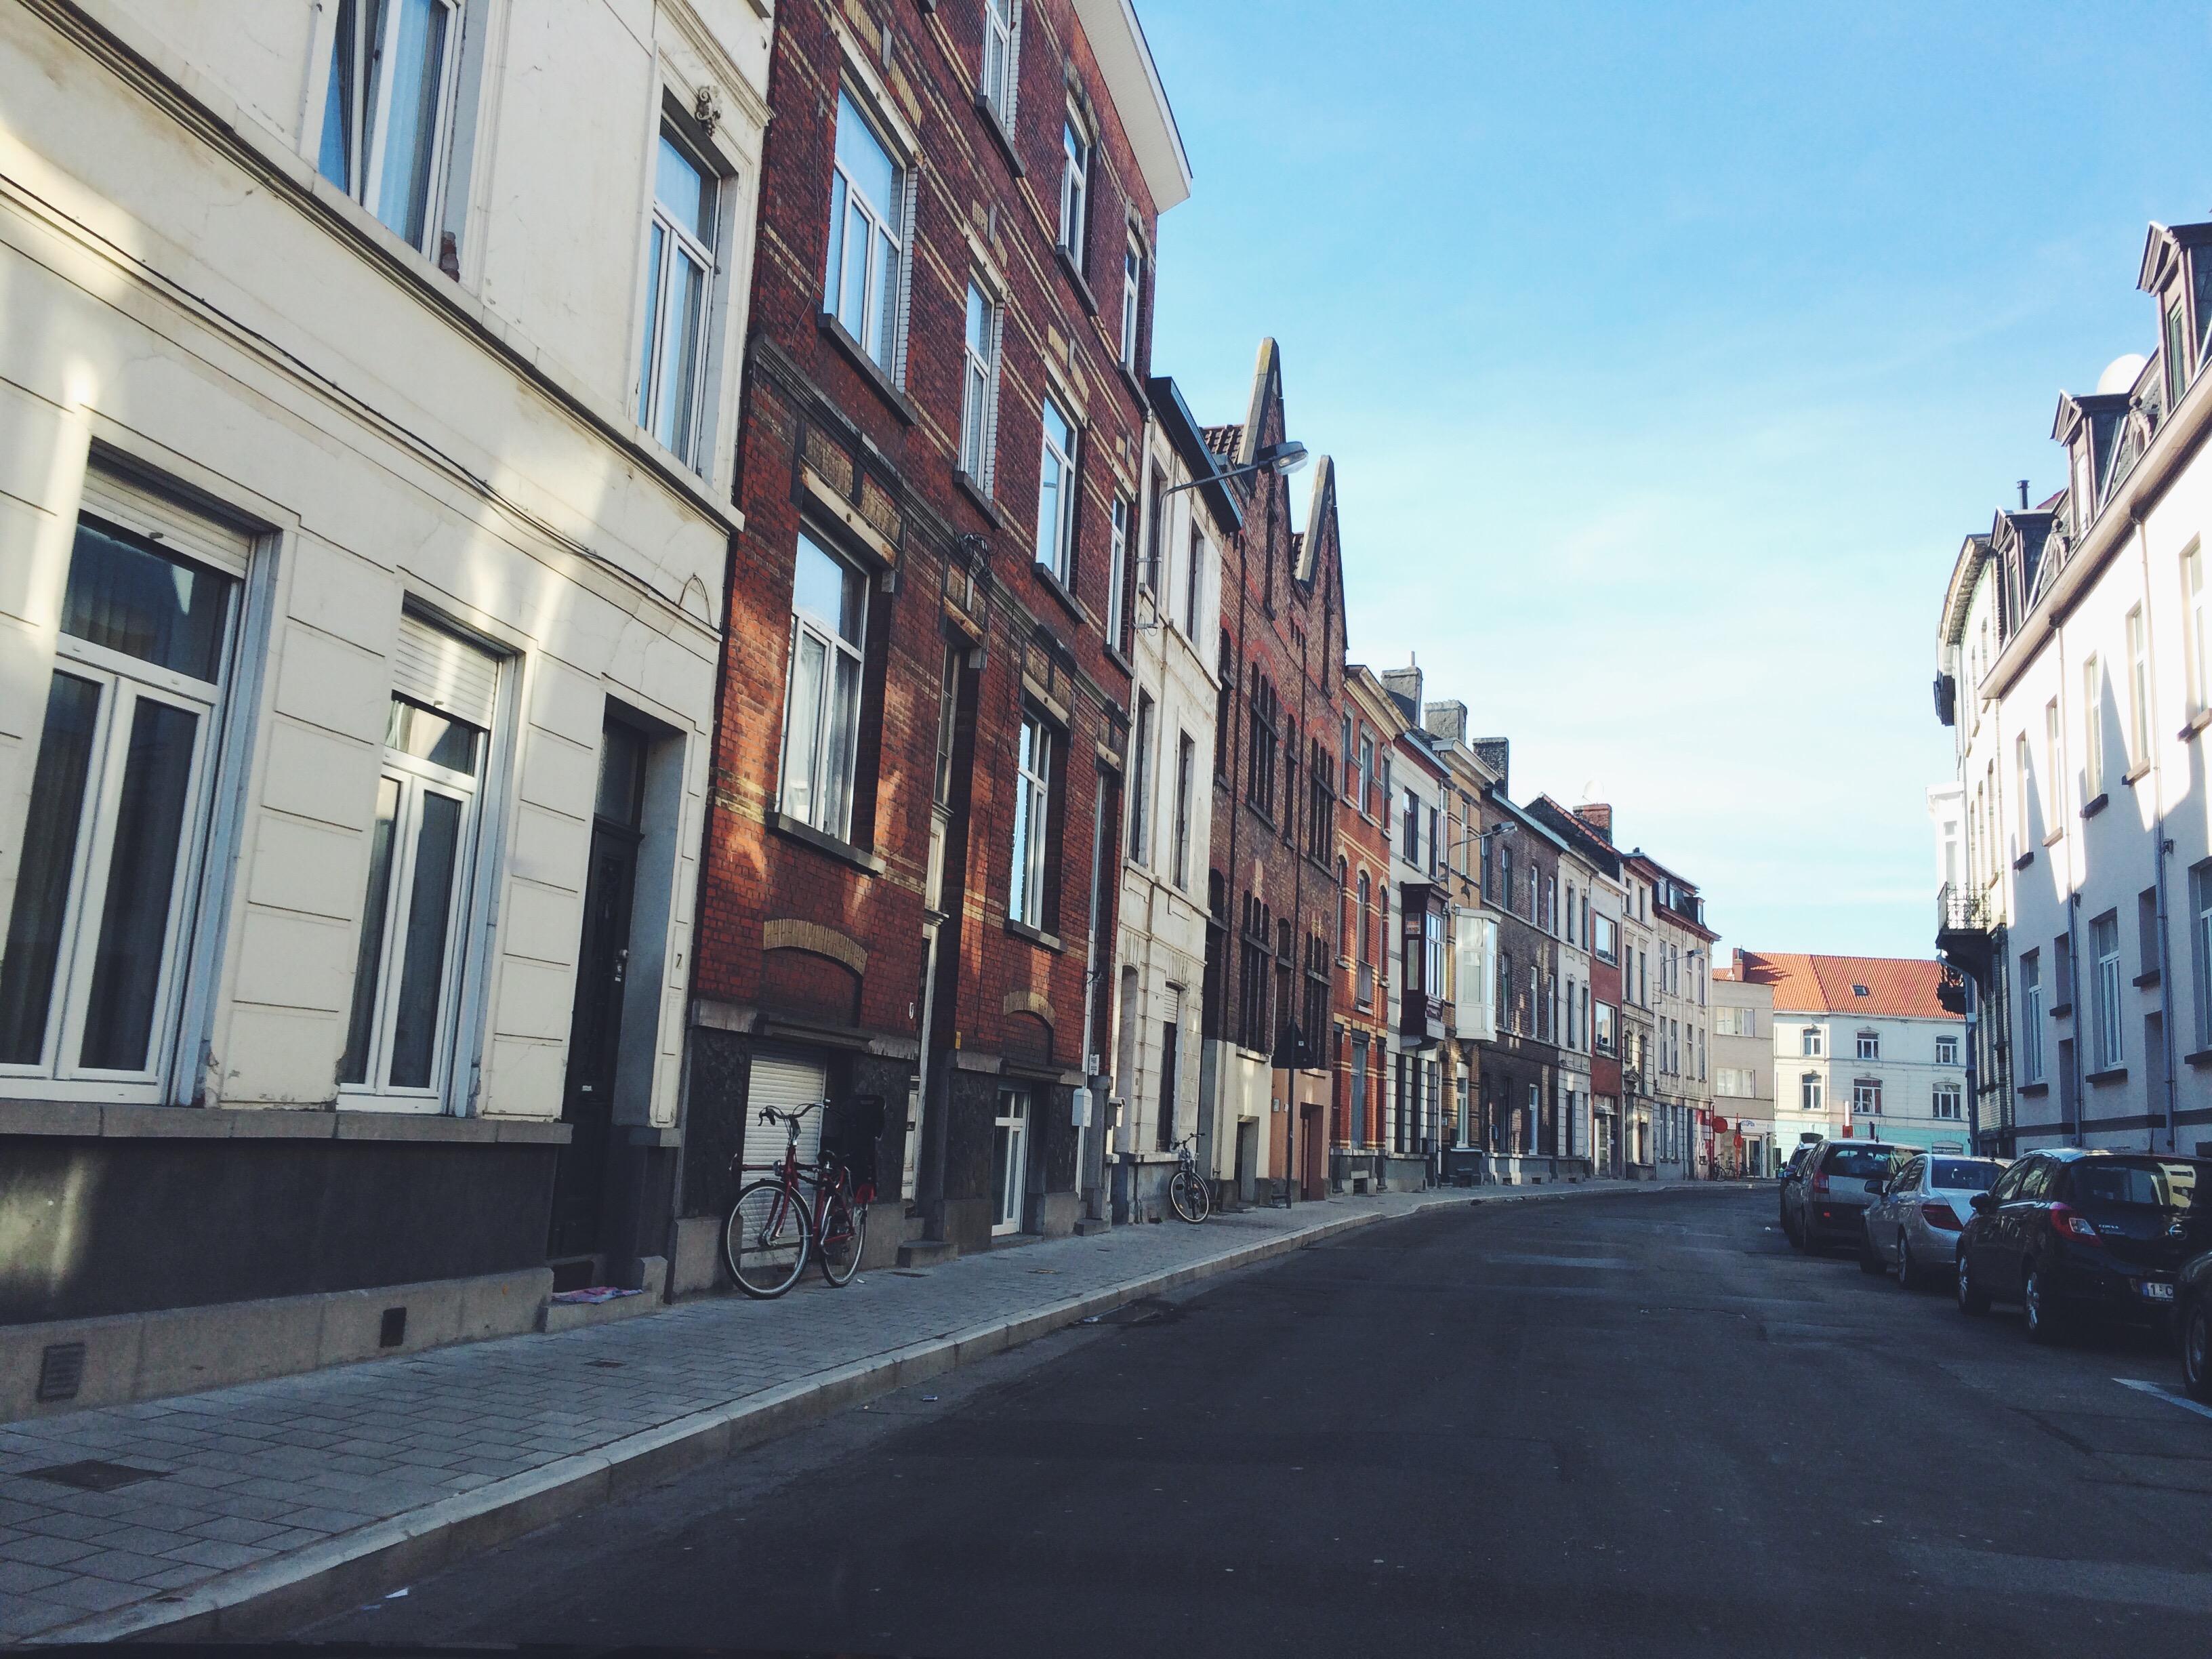 belgian road trip: ghent & antwerp